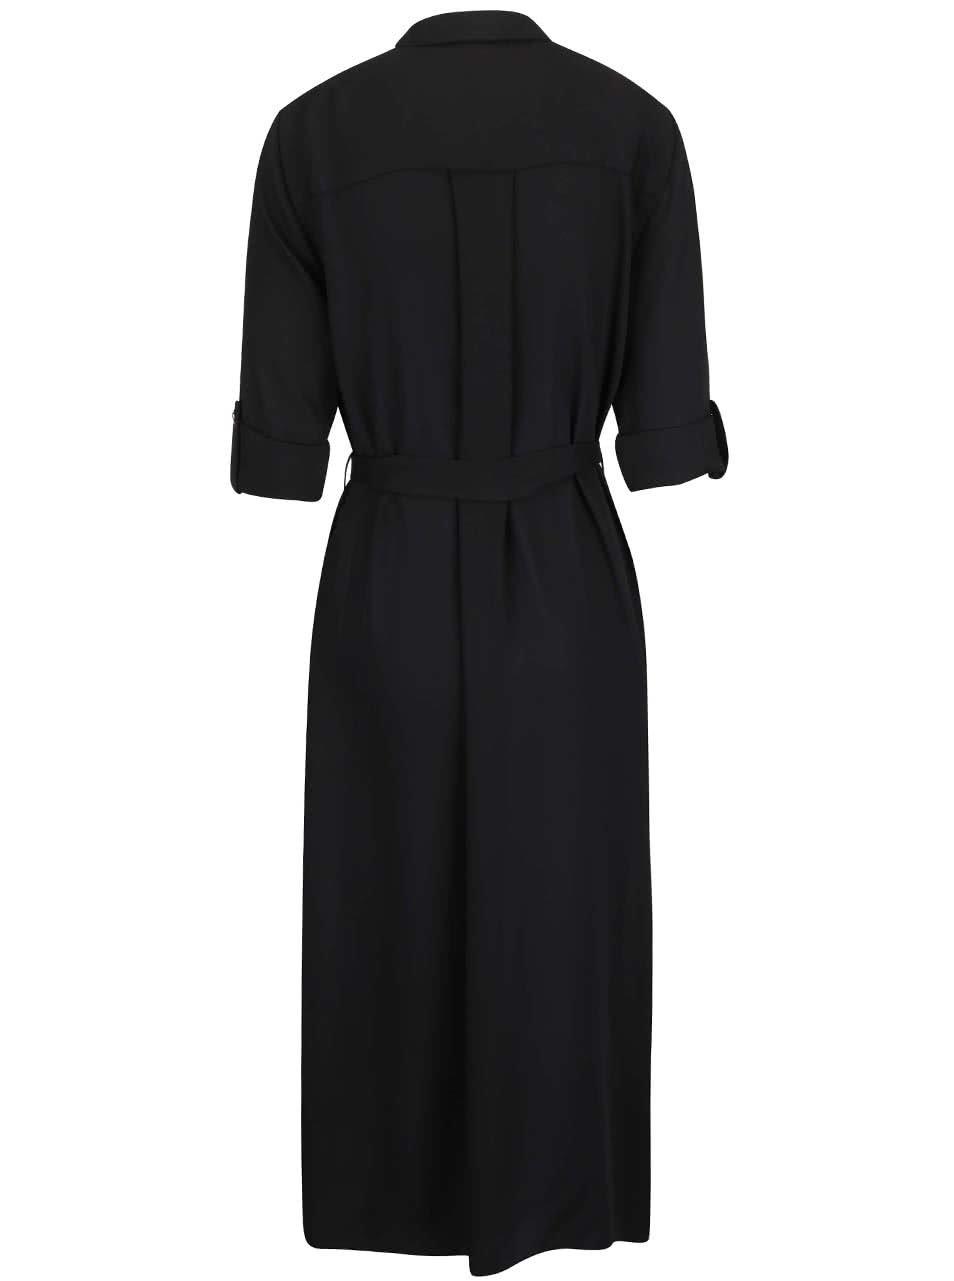 d317999f4d0 Černé košilové šaty na knoflíky v zlaté barvě Closet ...